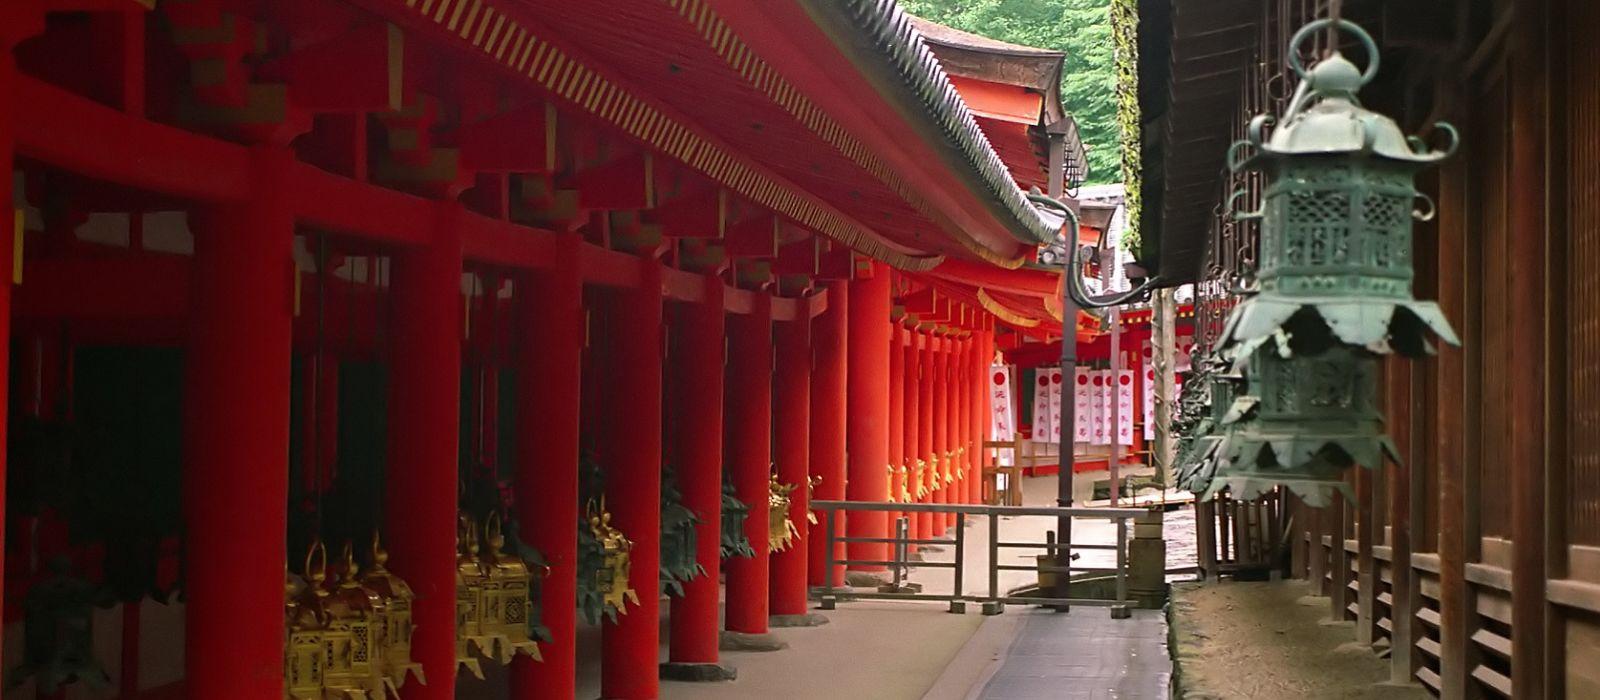 Japans versteckte Juwelen entdecken Urlaub 5